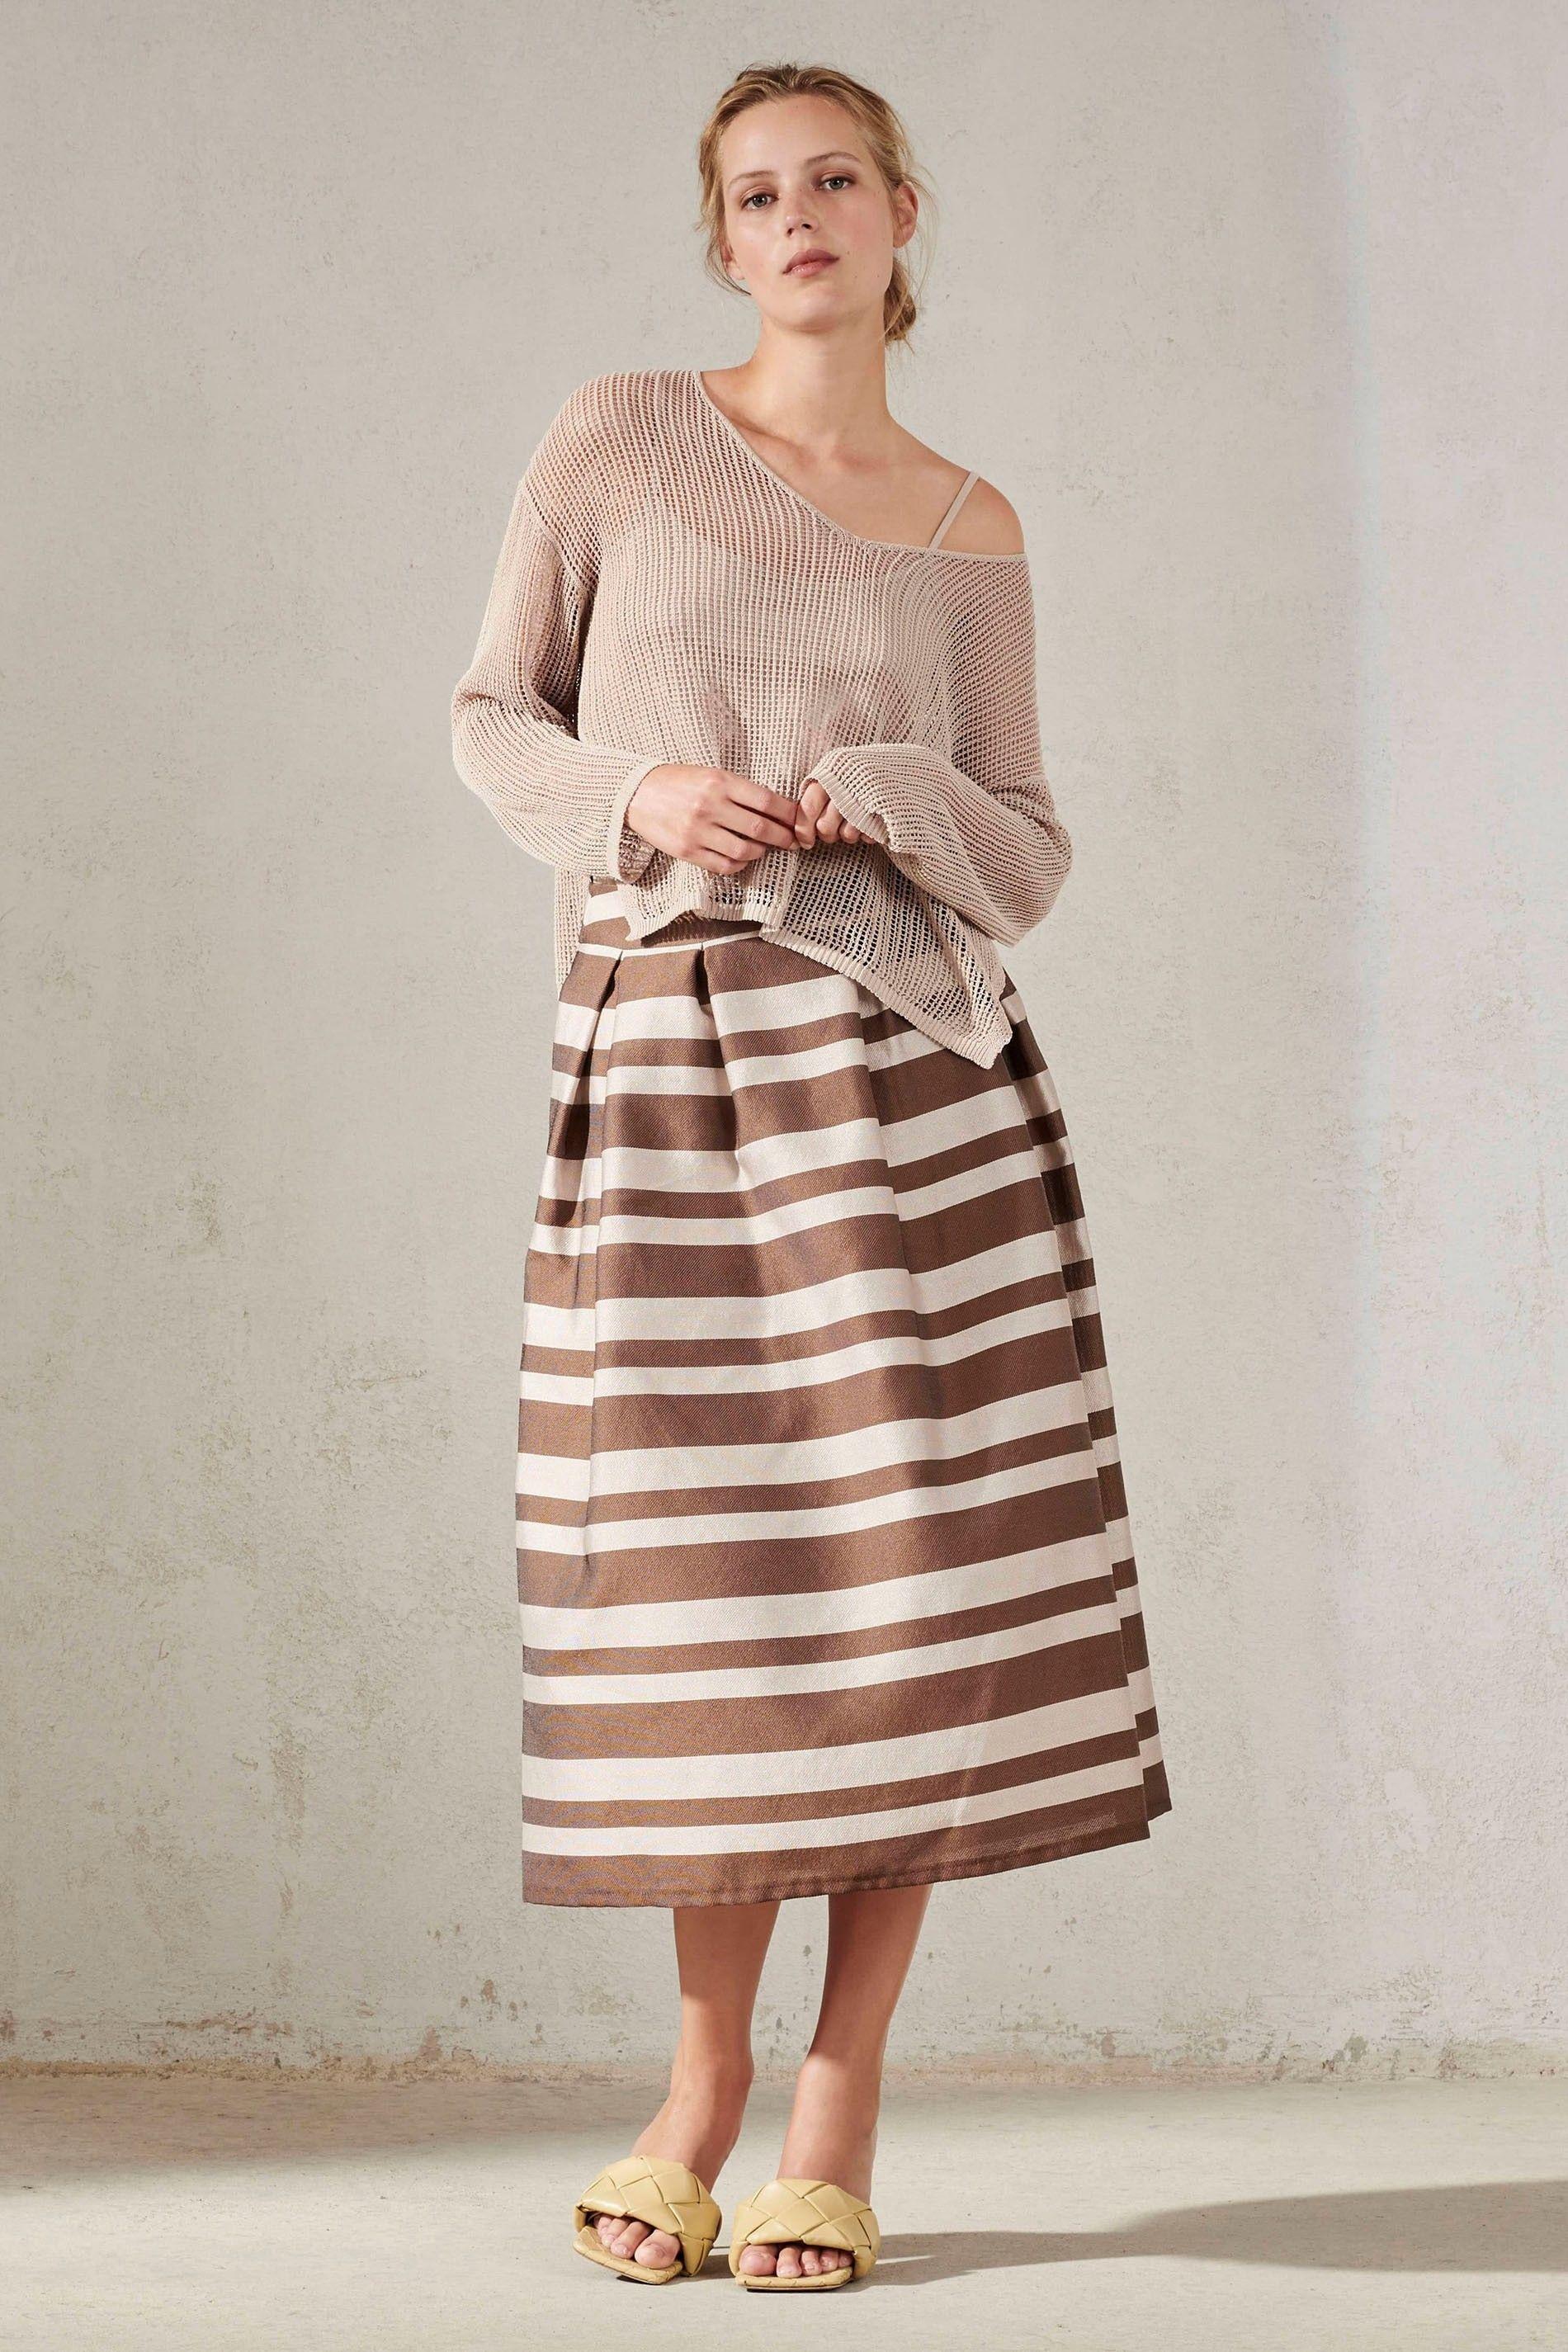 LUISA CERANO - Damen Netz-Pullover - Sand